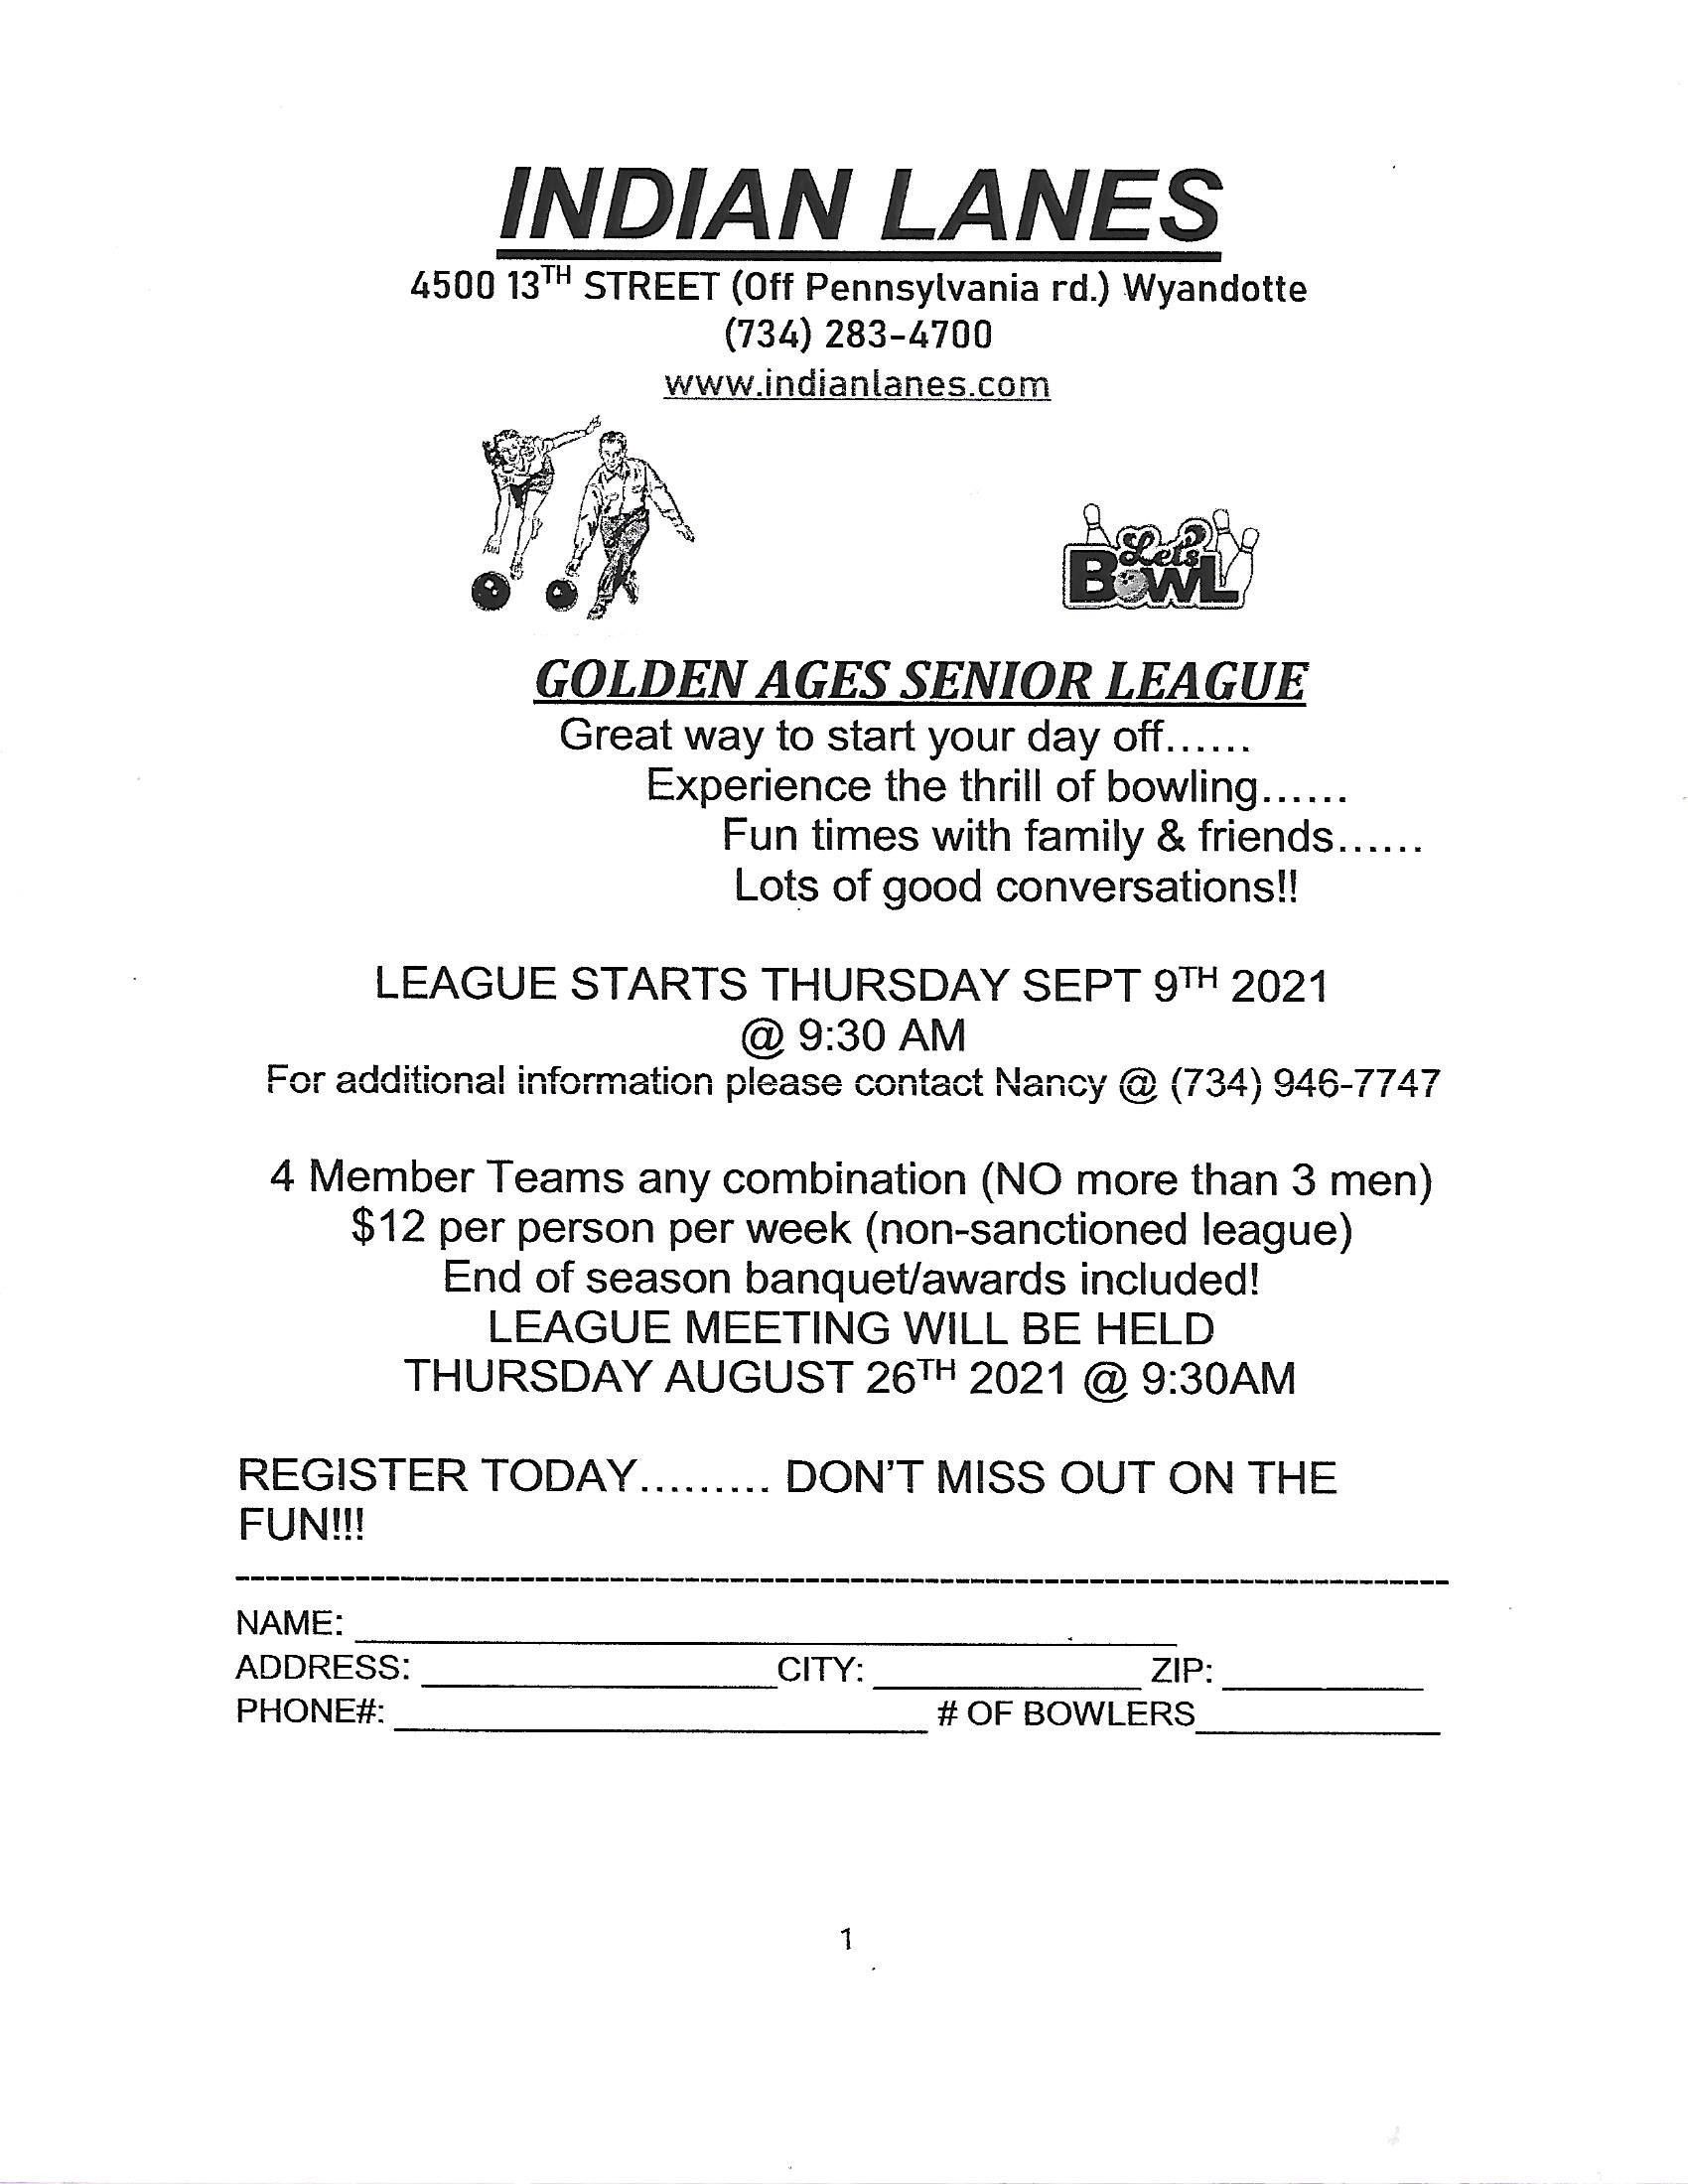 Golden-Ages-Senior-League